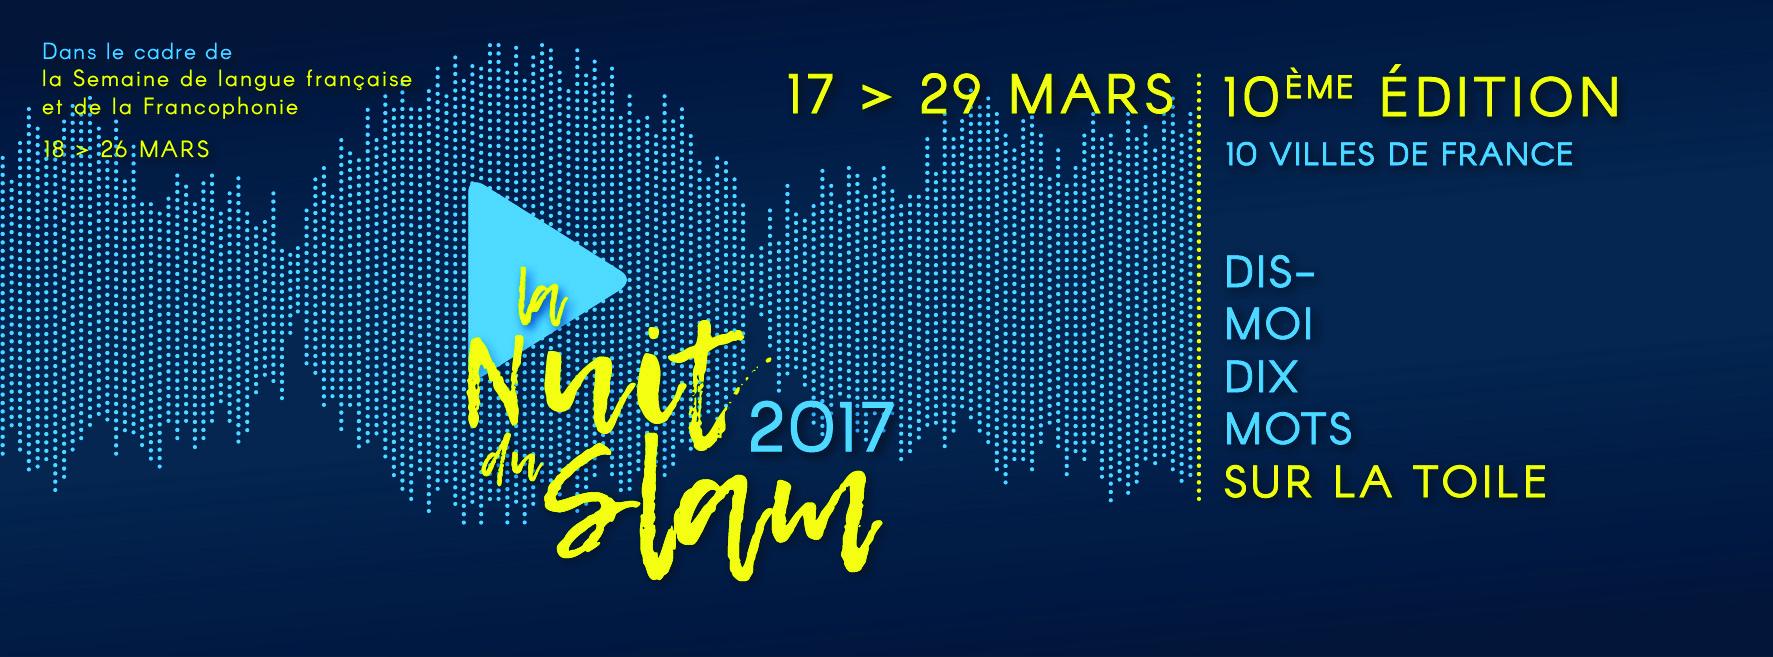 Nuit du Slam France